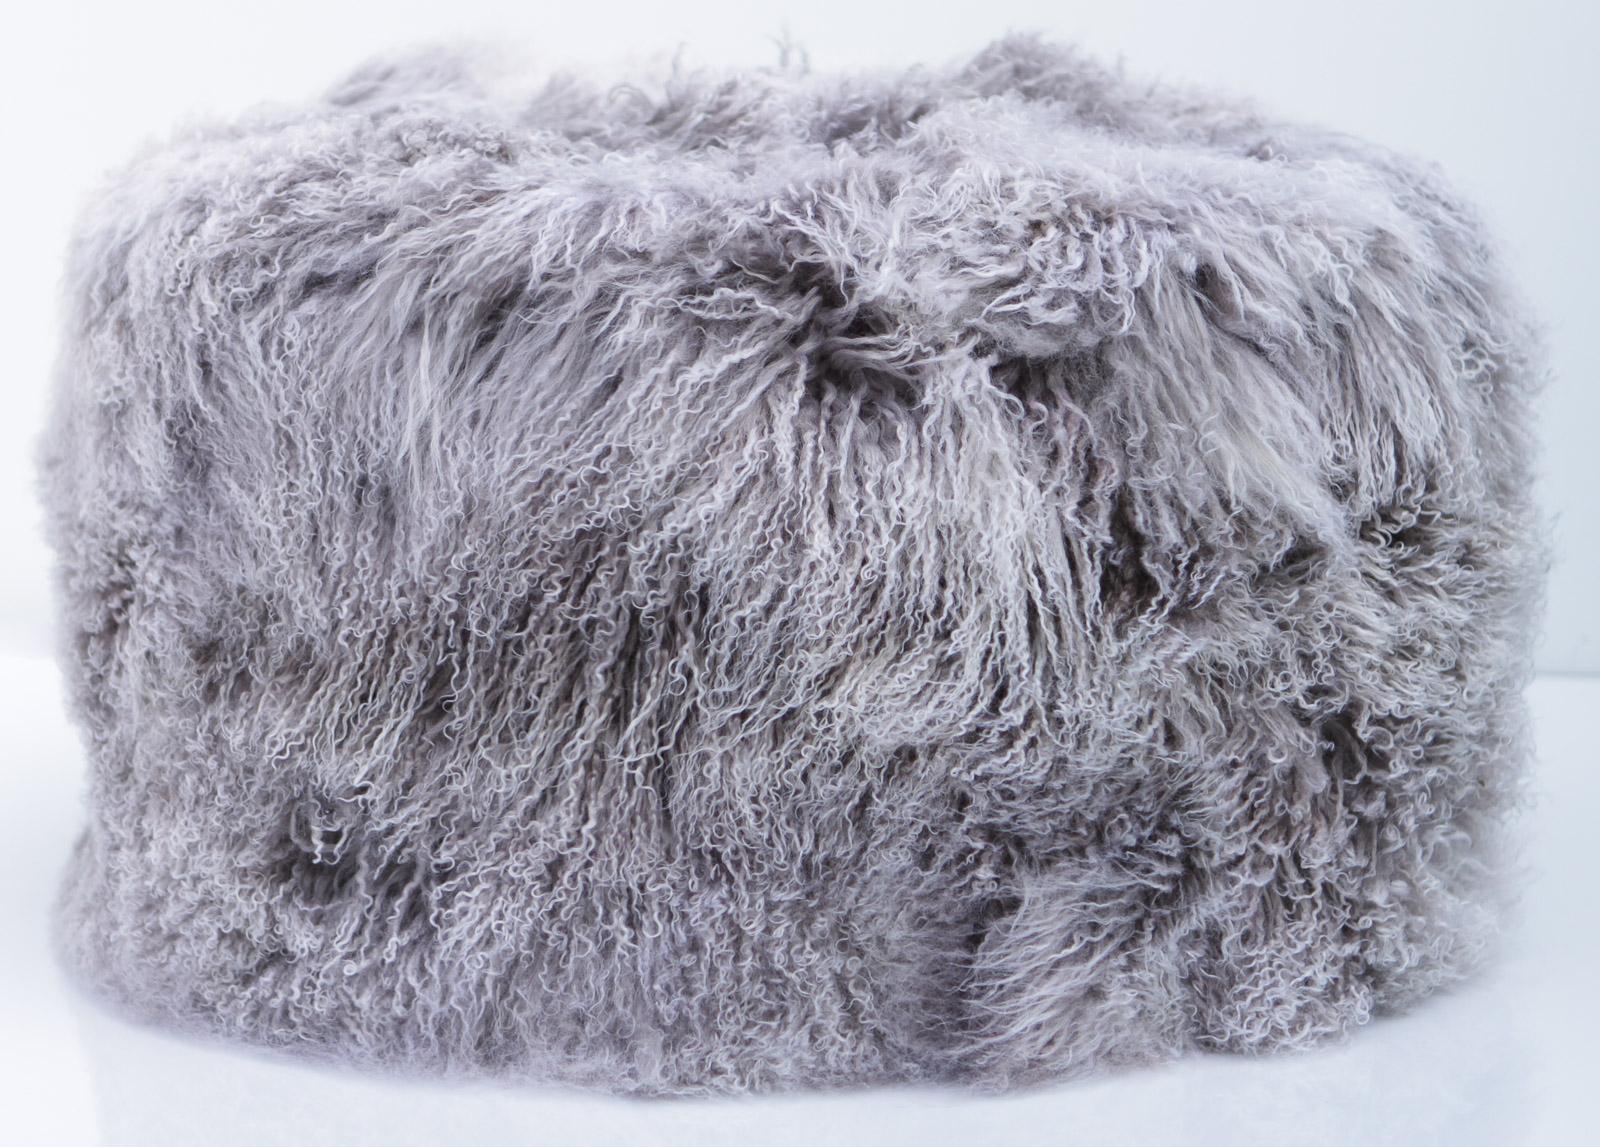 Tibet Lammfell Pouf 60 cm Durchmesser Tibetlammfell